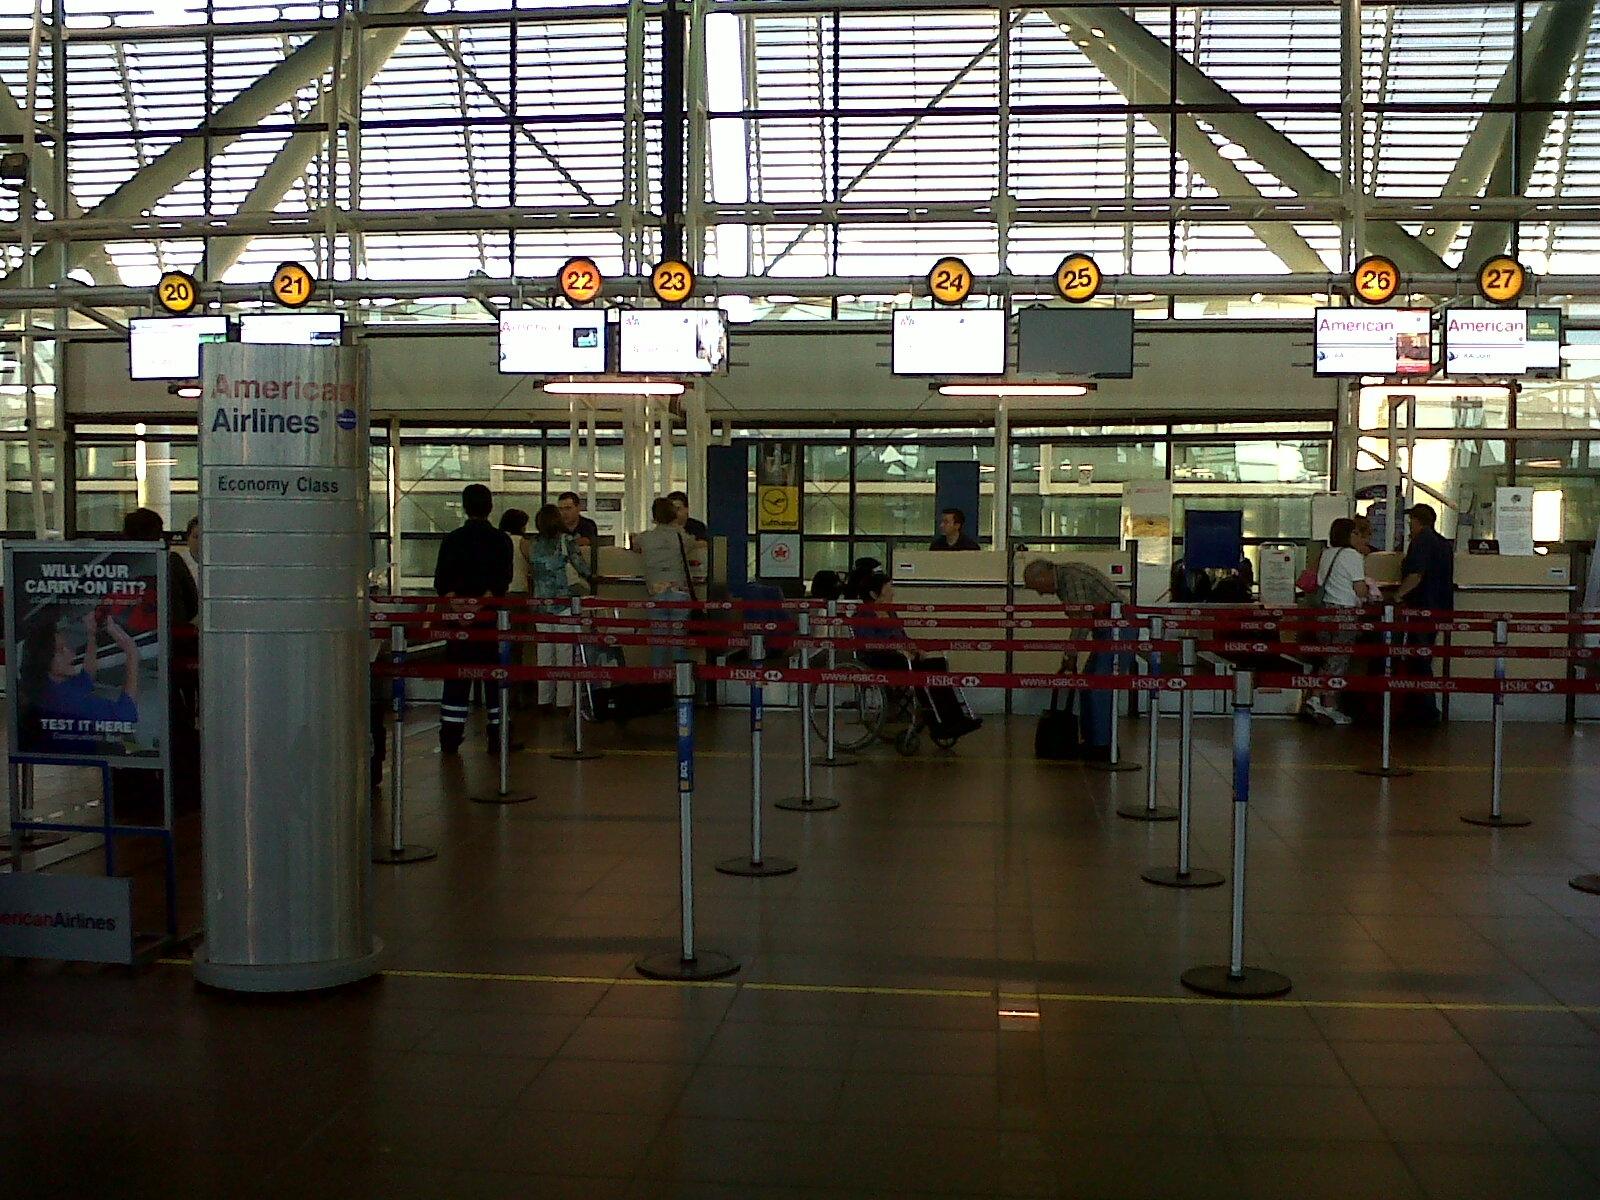 Gremio aéreo elige terminal de Santiago para estudiar falencias de concesión y mejorar privatizaciones